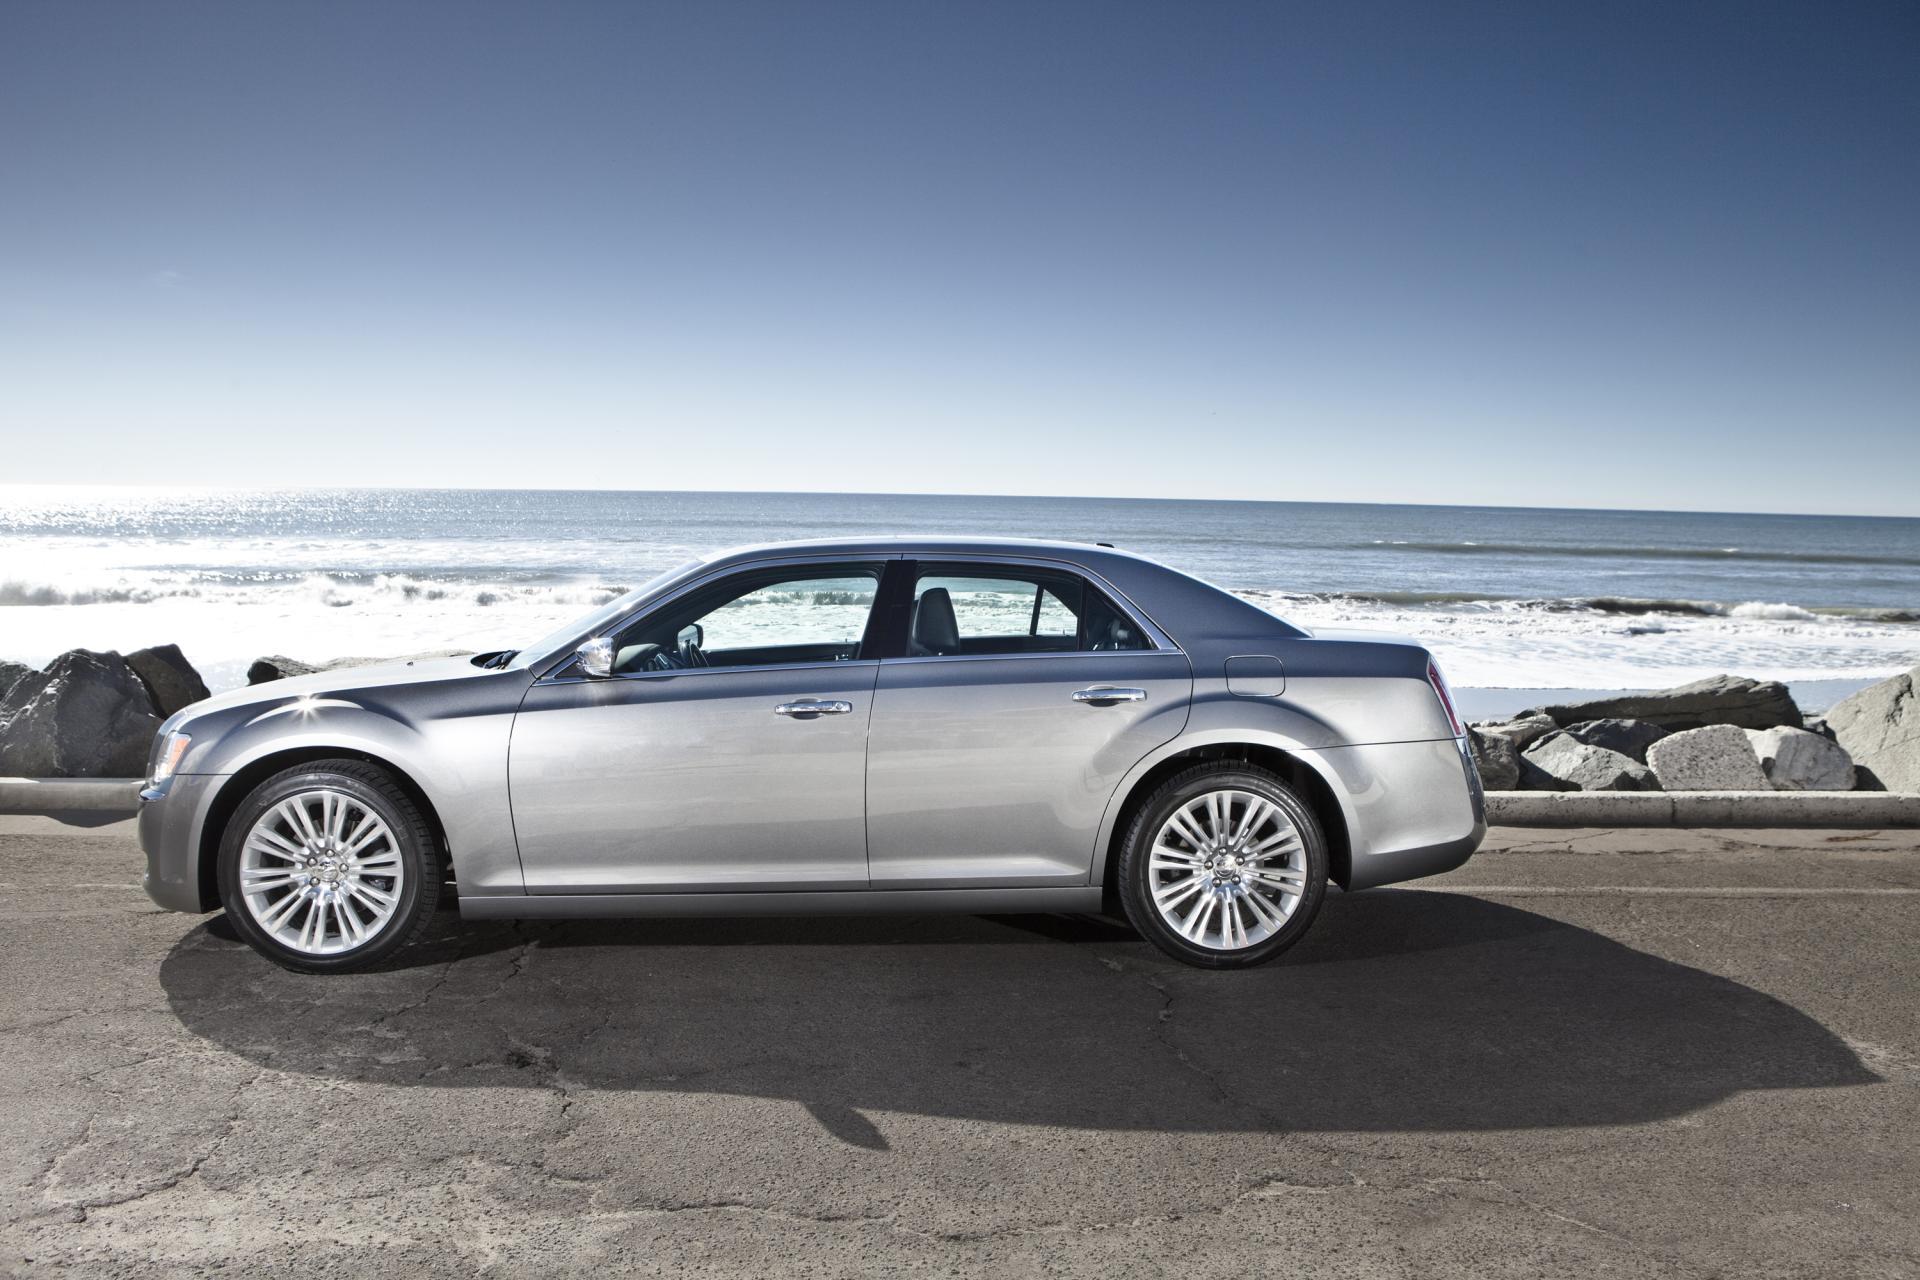 2014 Chrysler 300 Cordoba Concept